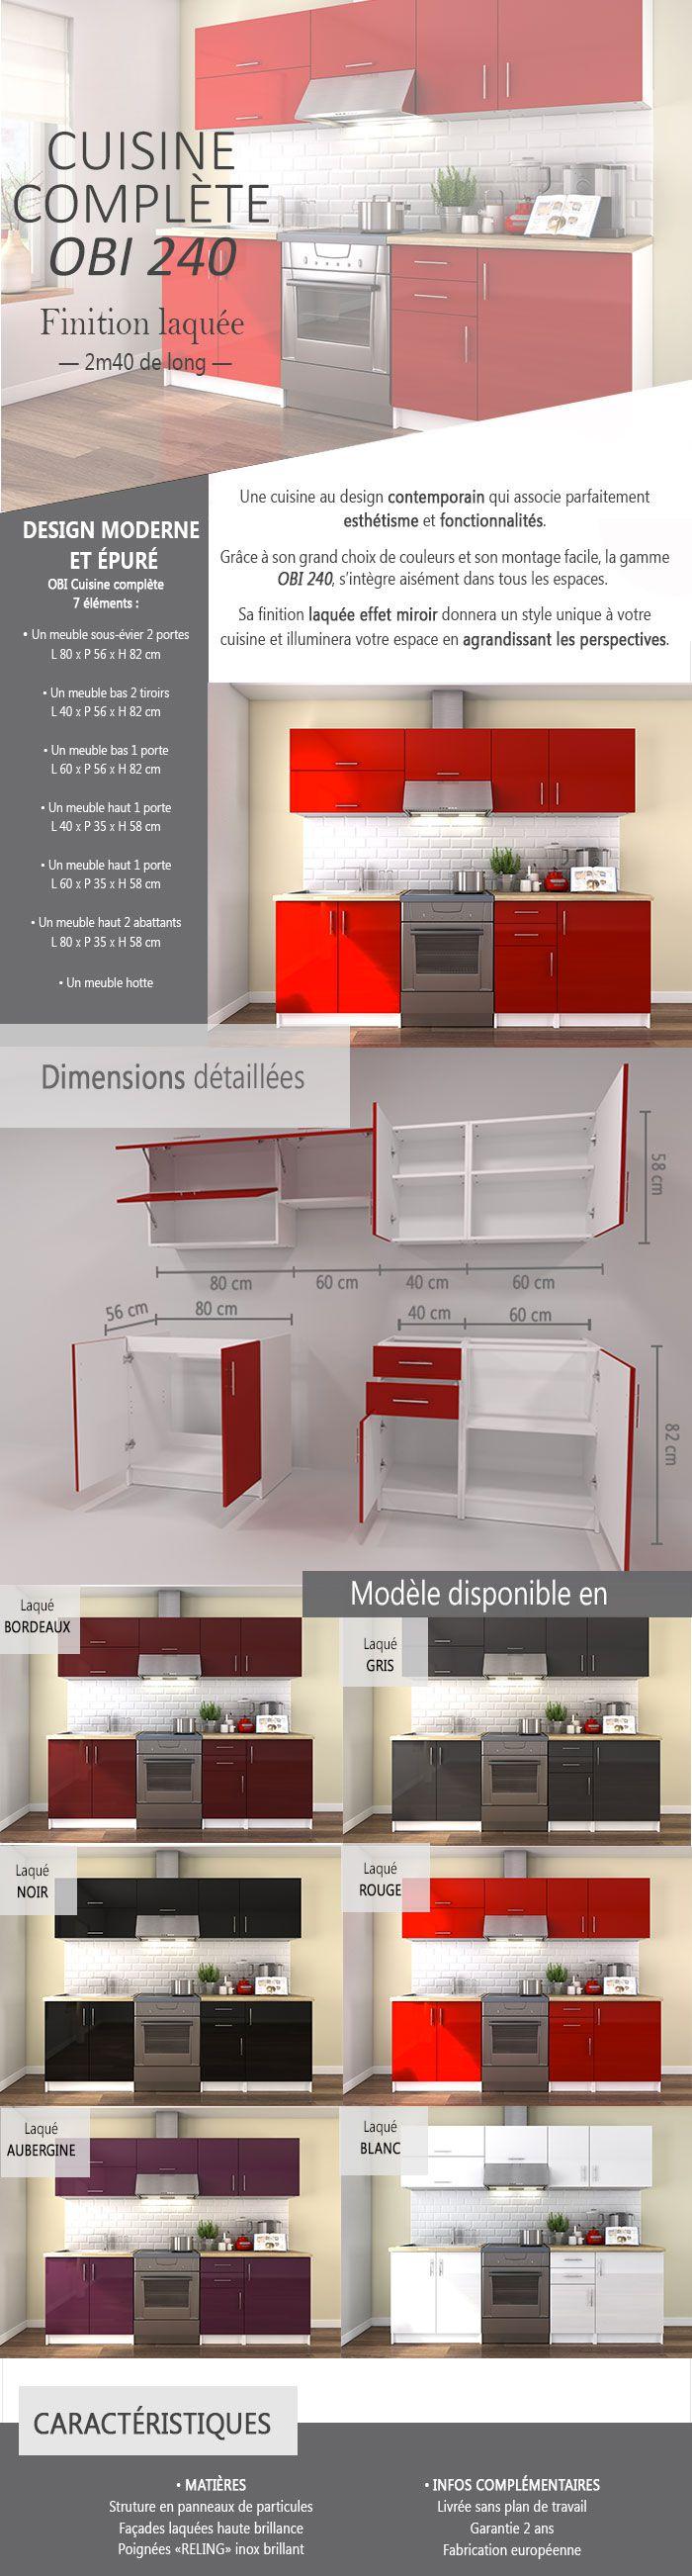 obi cuisine compl te l 2m40 rouge laqu brillant achat vente cuisine compl te obi cuisine. Black Bedroom Furniture Sets. Home Design Ideas